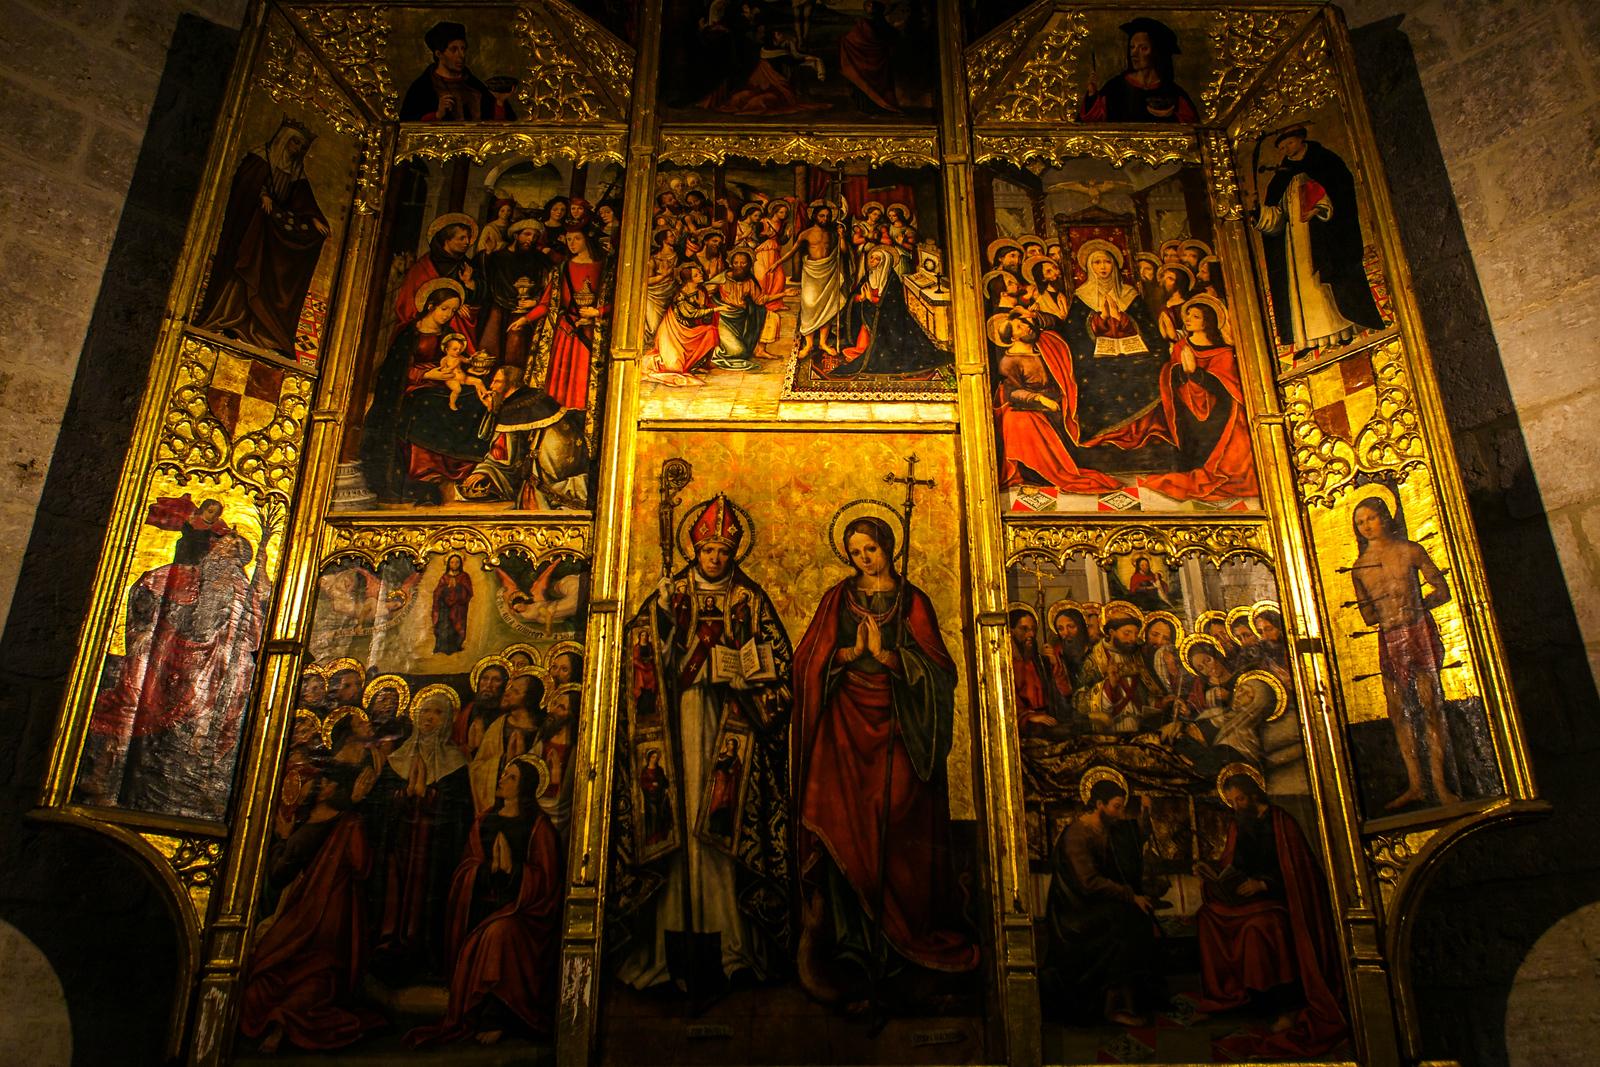 西班牙巴伦西亚主教堂,墙上的珍宝